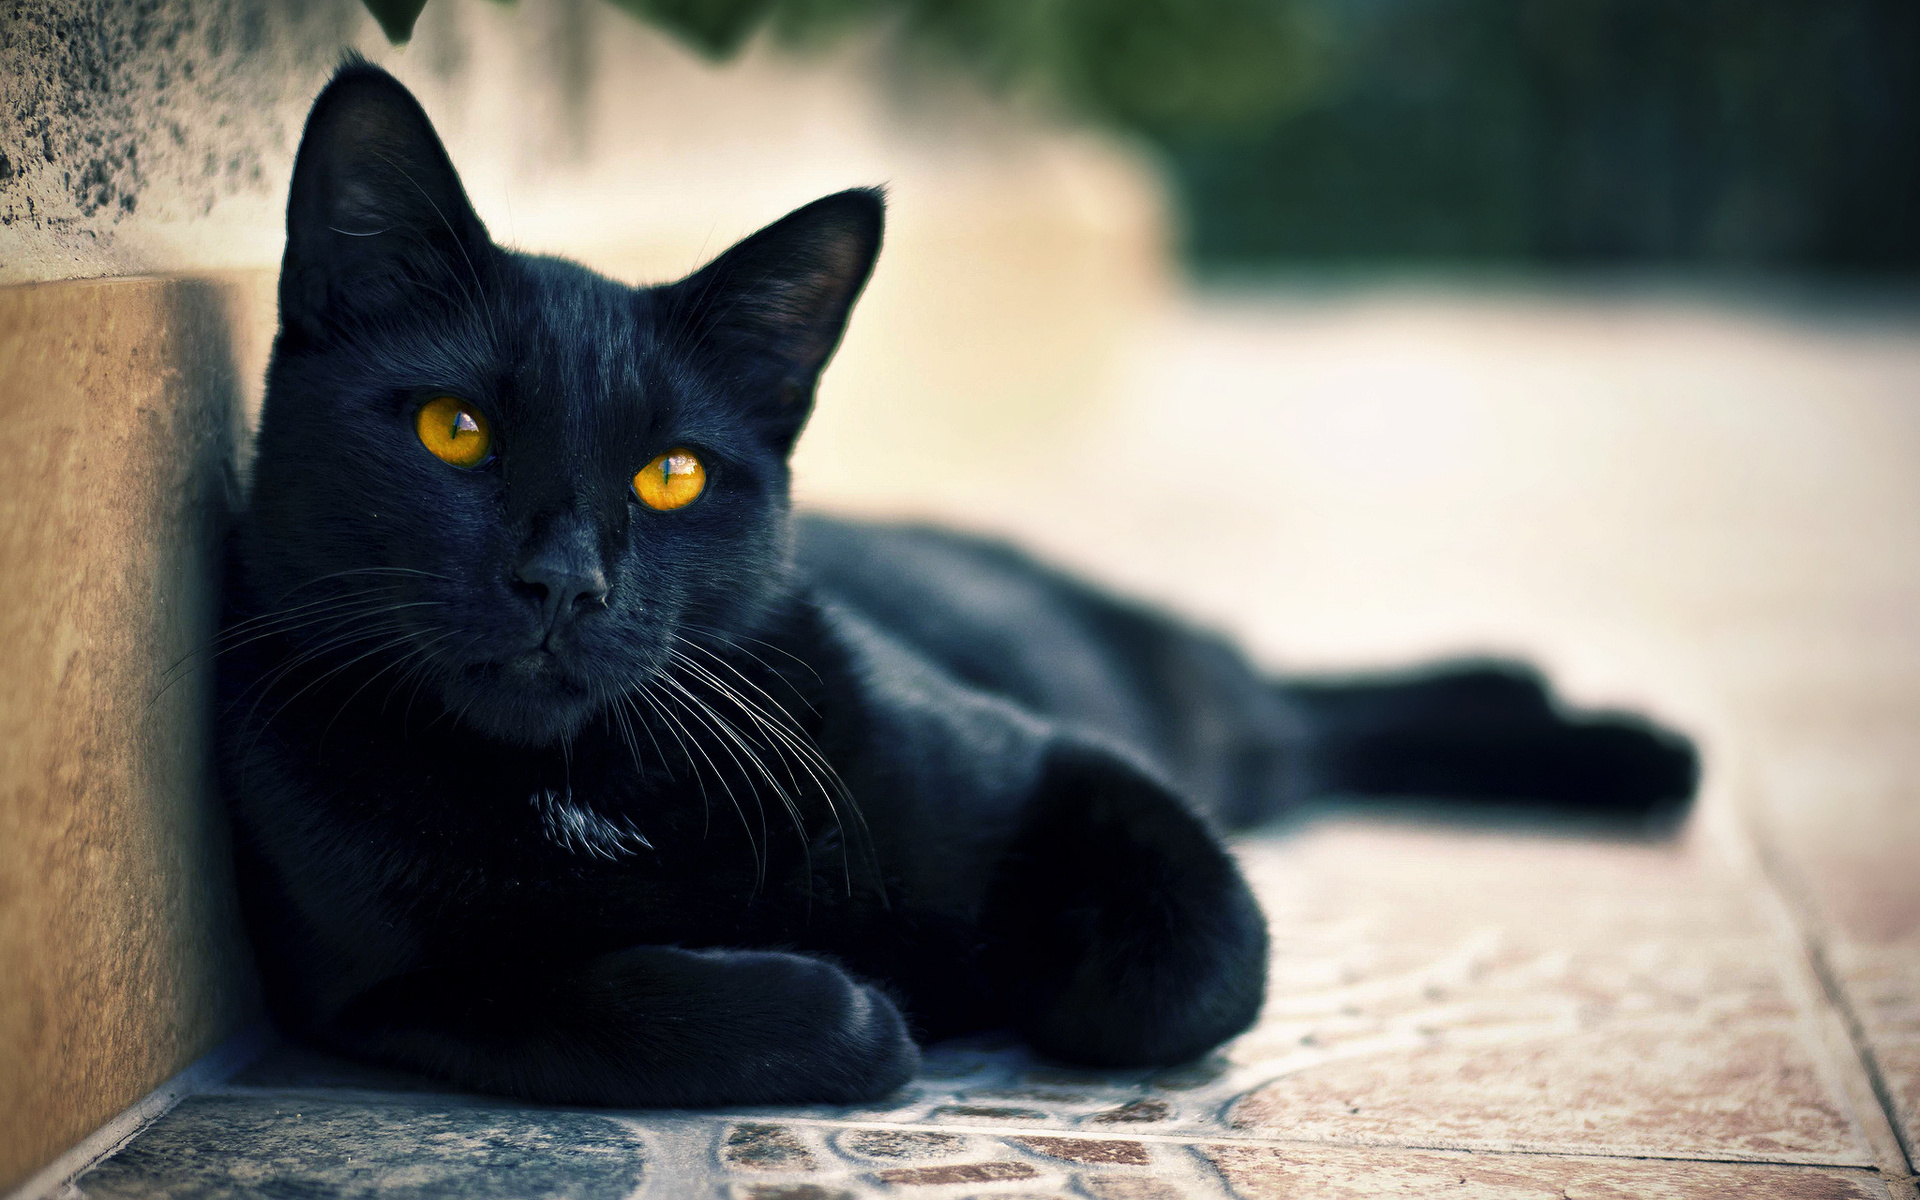 Красивые картинки черных котов